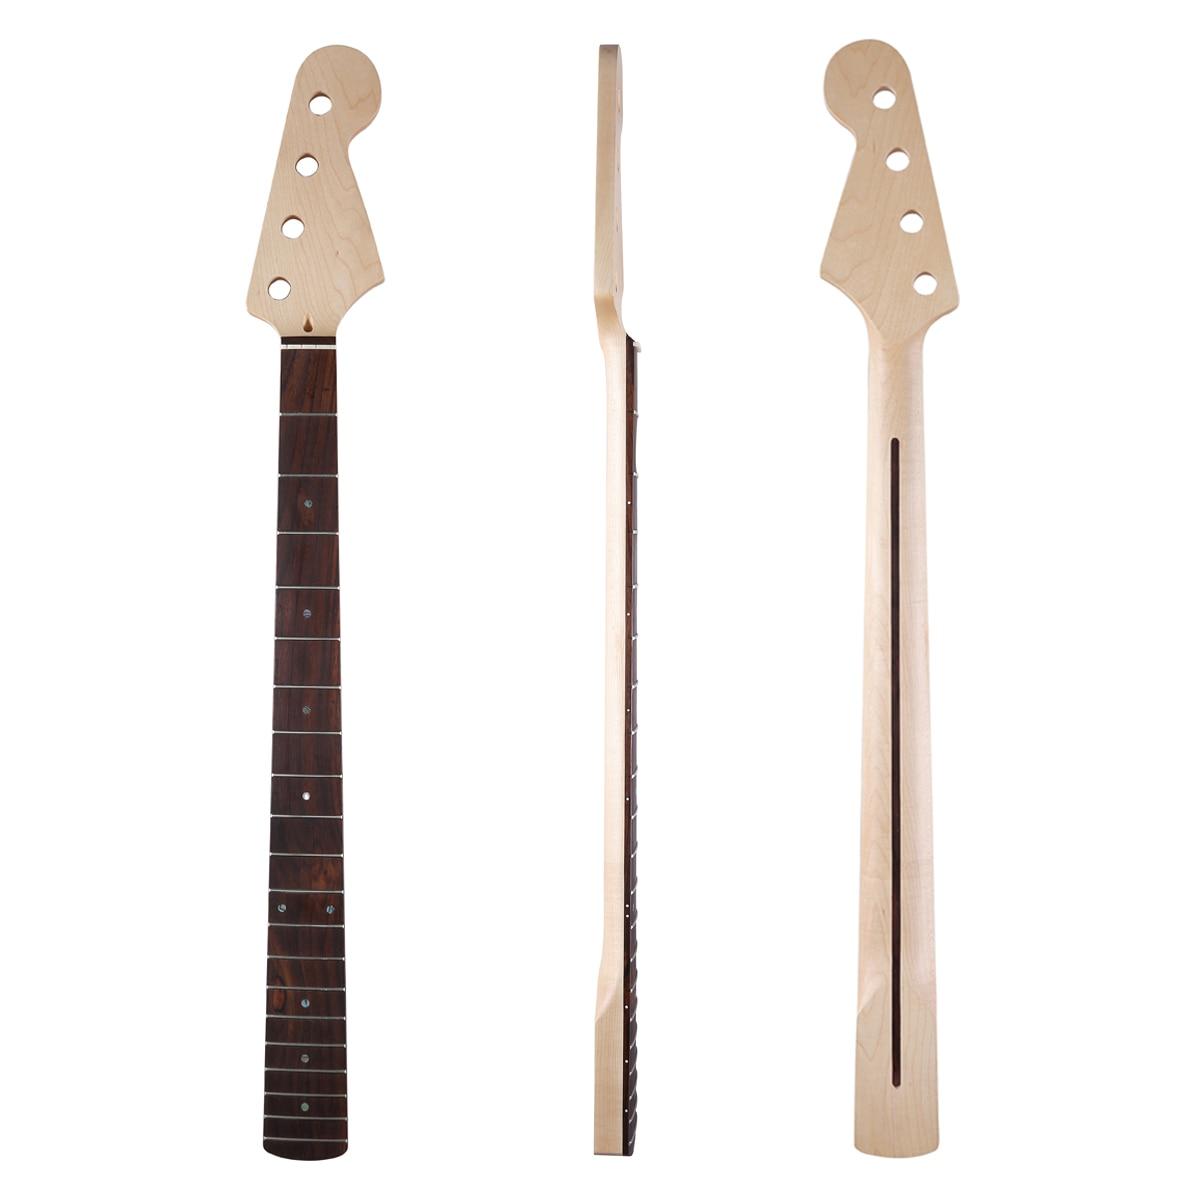 Dopro 20 Frette 4 Cordes Basse P Guitare Érable Canadien cou avec Nacre Inlay et Os Écrou pour Précision basse